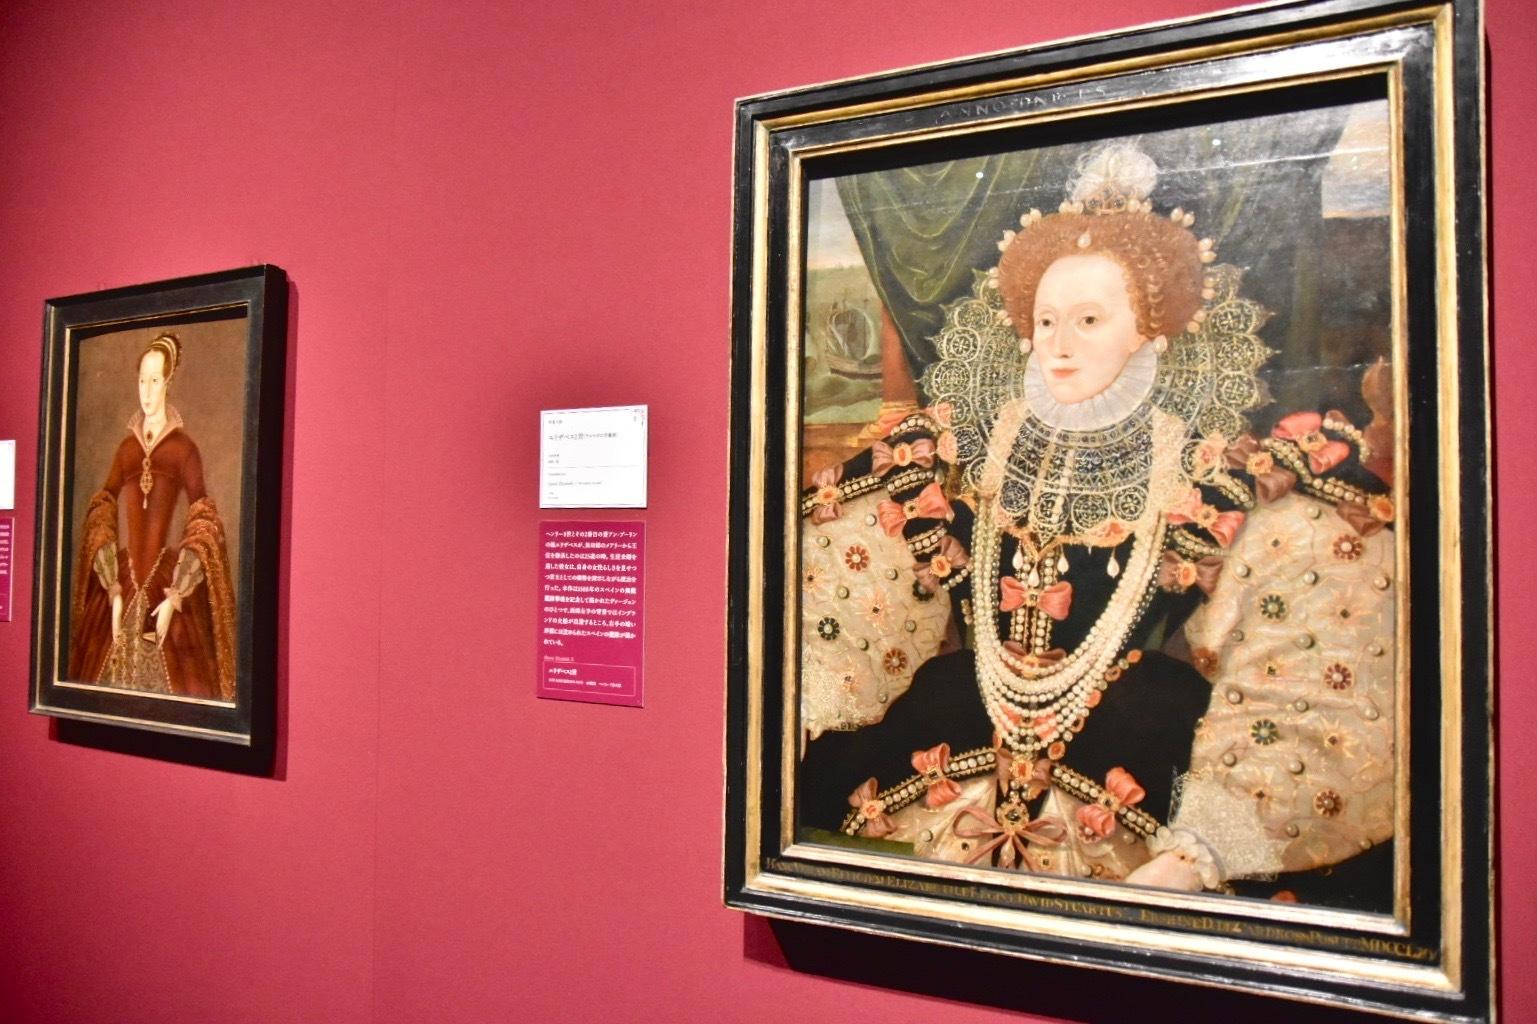 『ロンドン・ナショナル・ポートレートギャラリー所蔵 KING&QUEEN展―名画で読み解く 英国王室物語―』